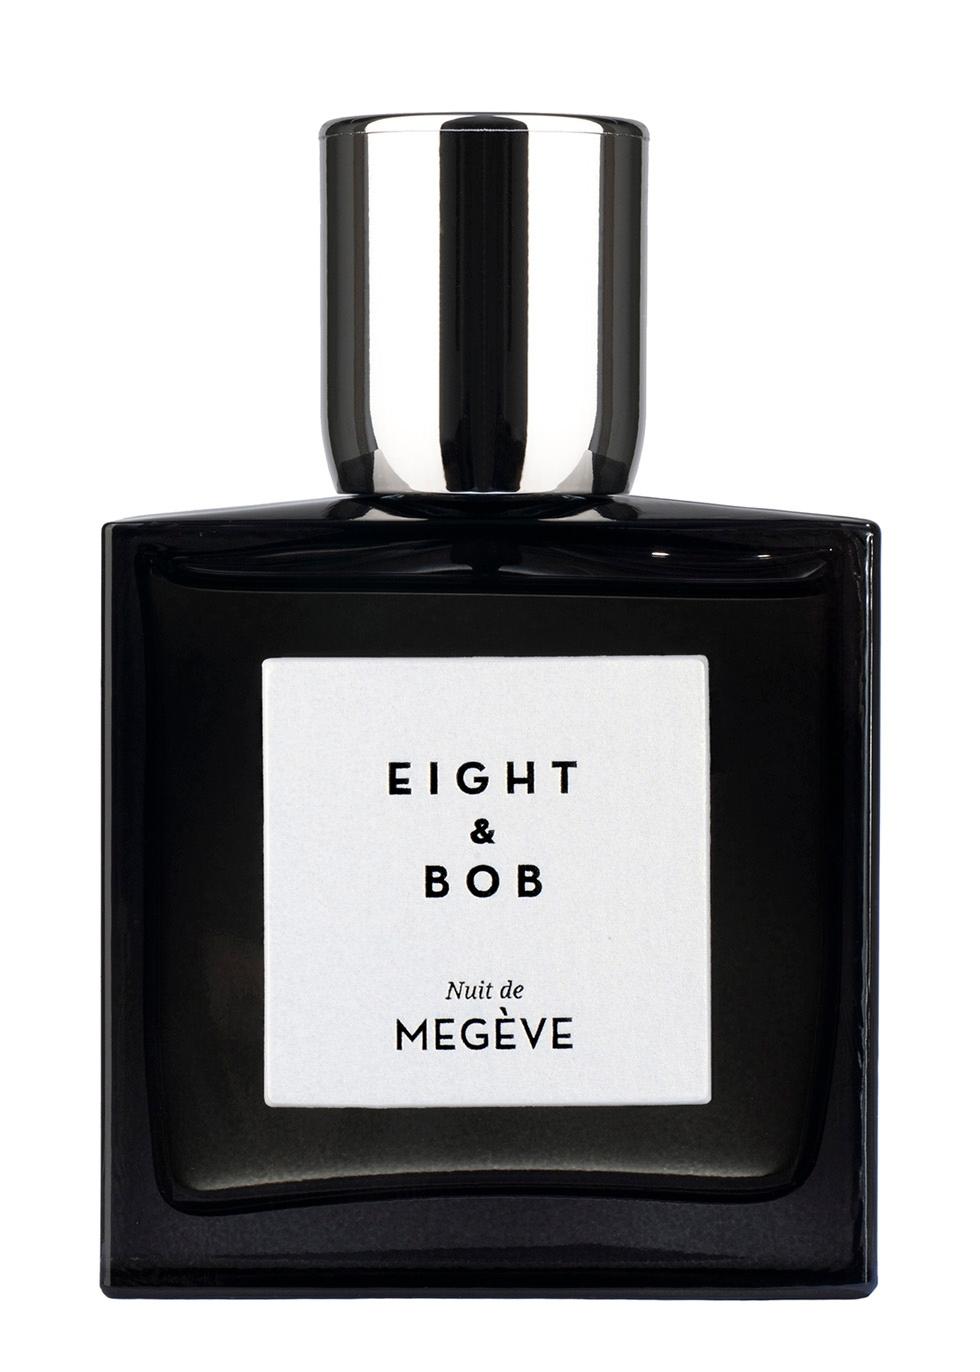 Nuit De Megève Eau De Parfum 100ml - Eight & Bob